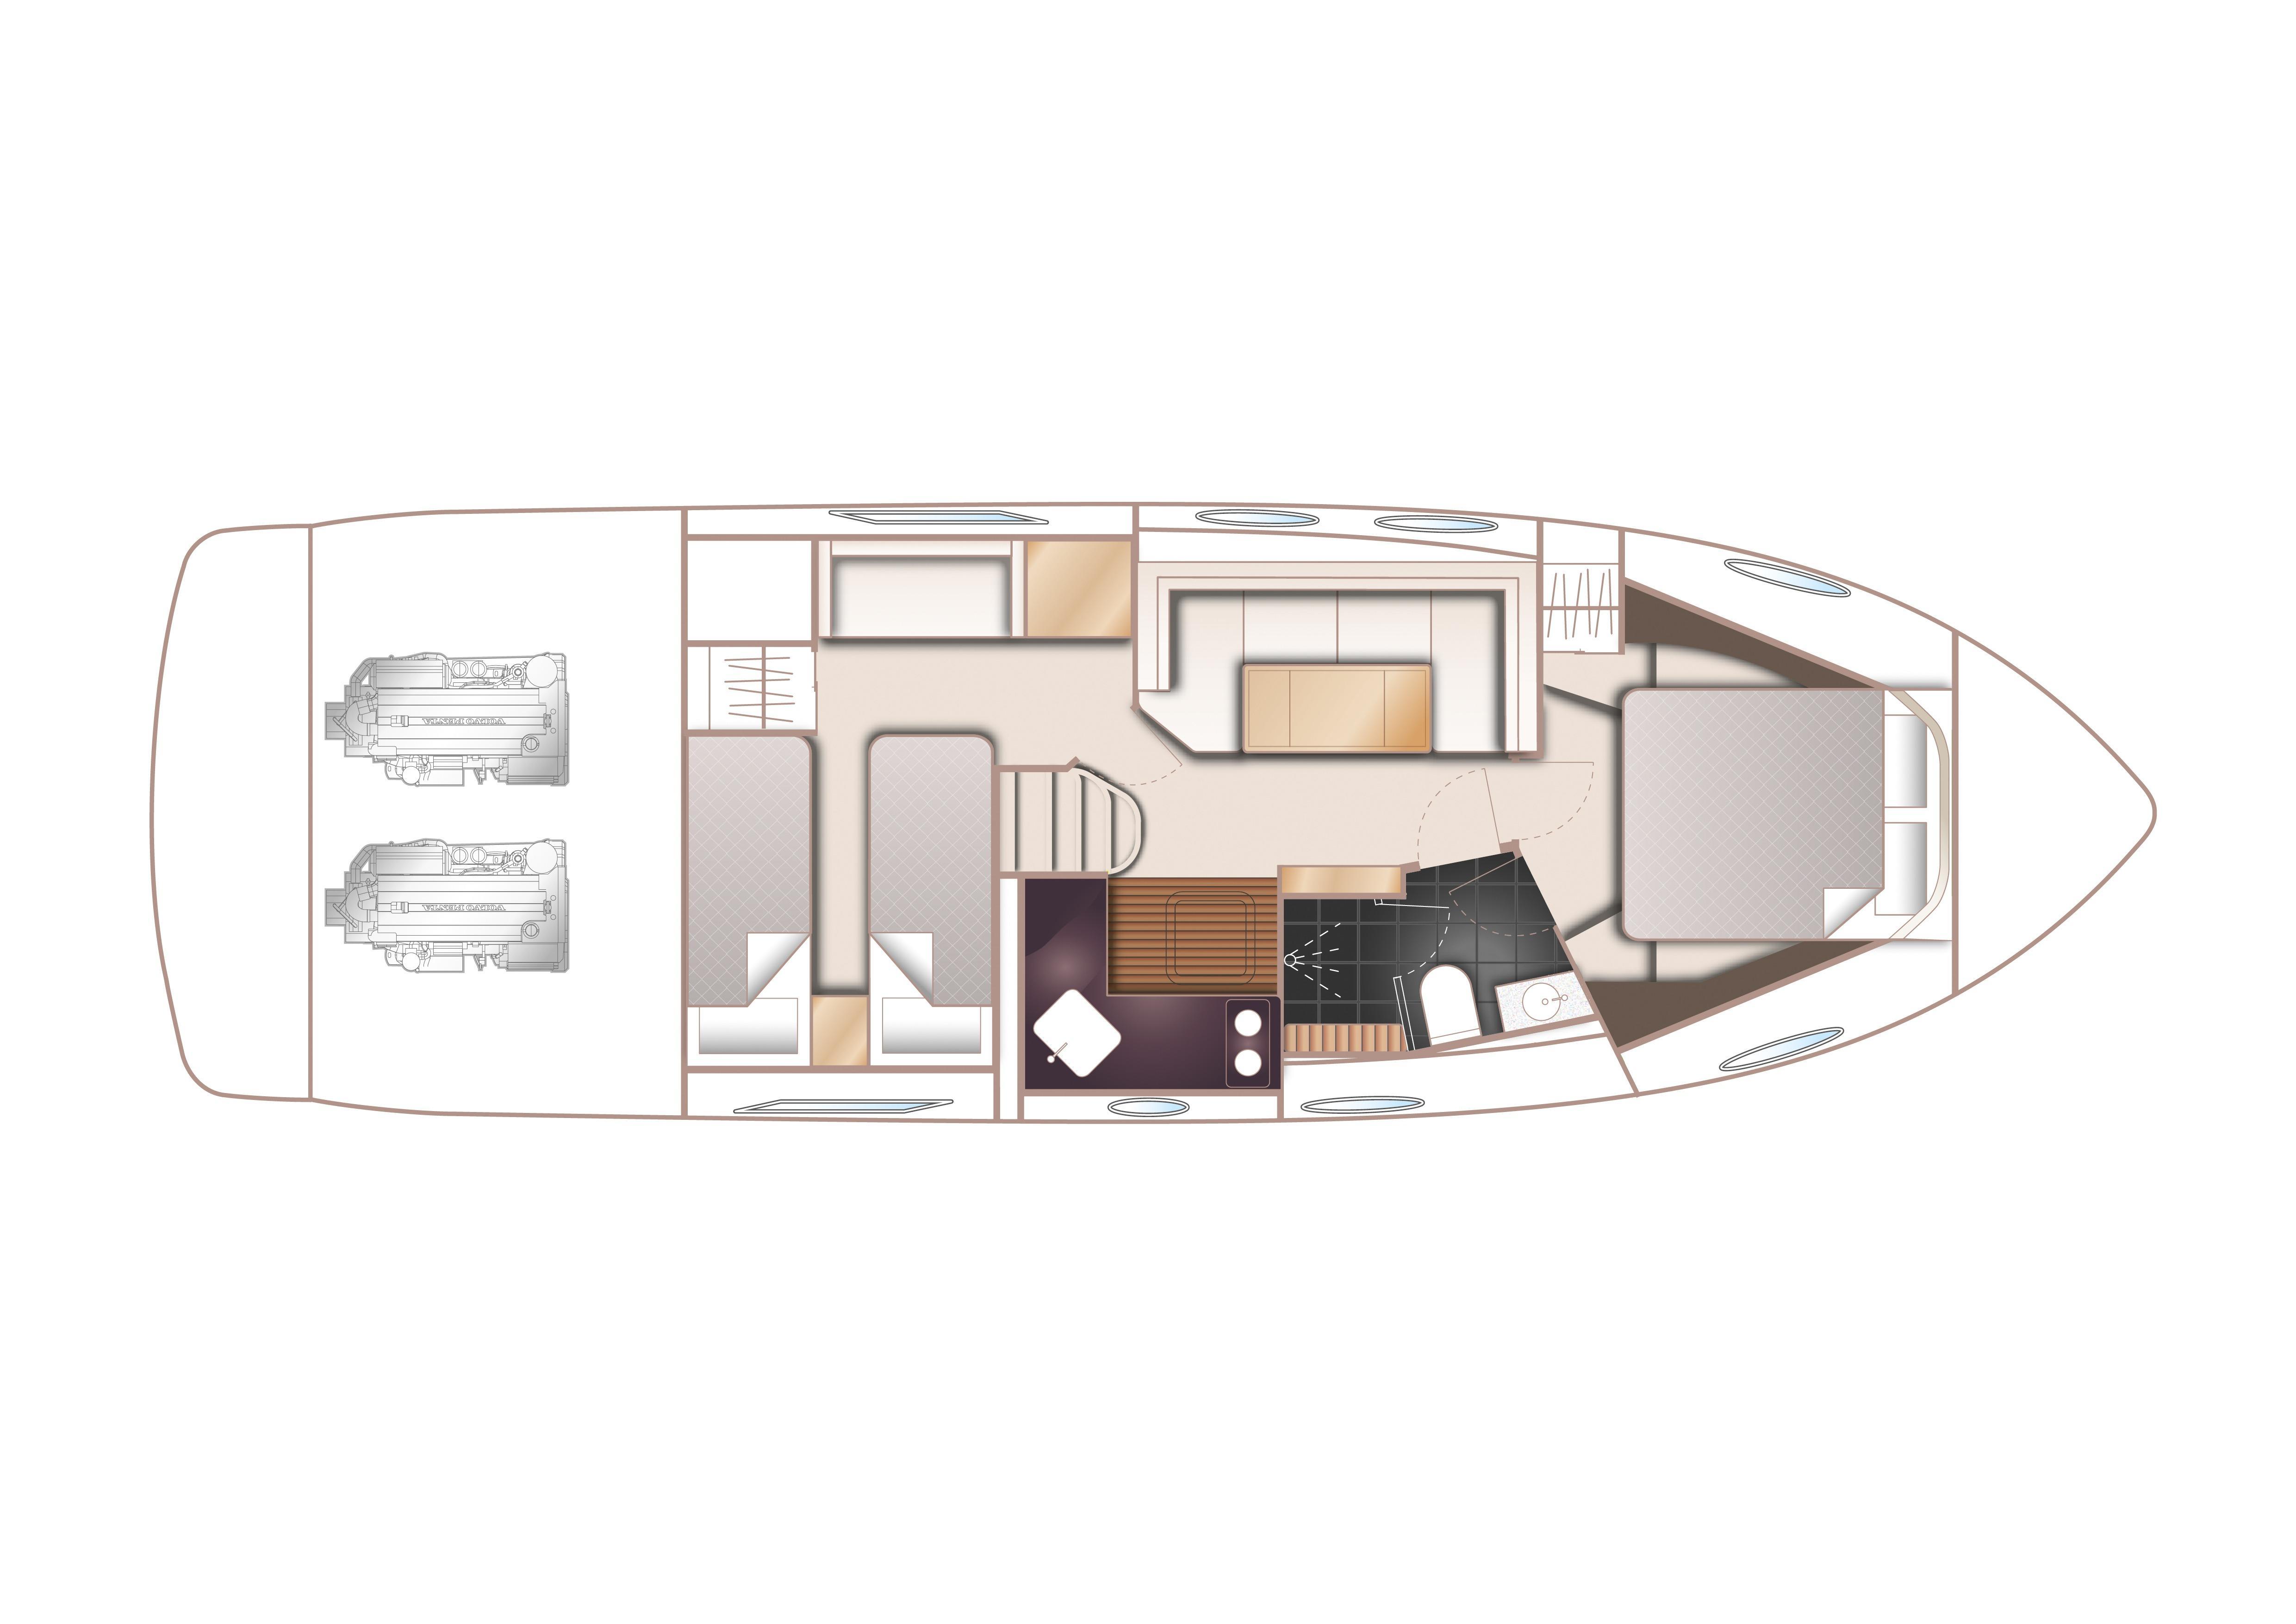 Manufacturer Provided Image: Princess V39 Lower Deck Layout Plan